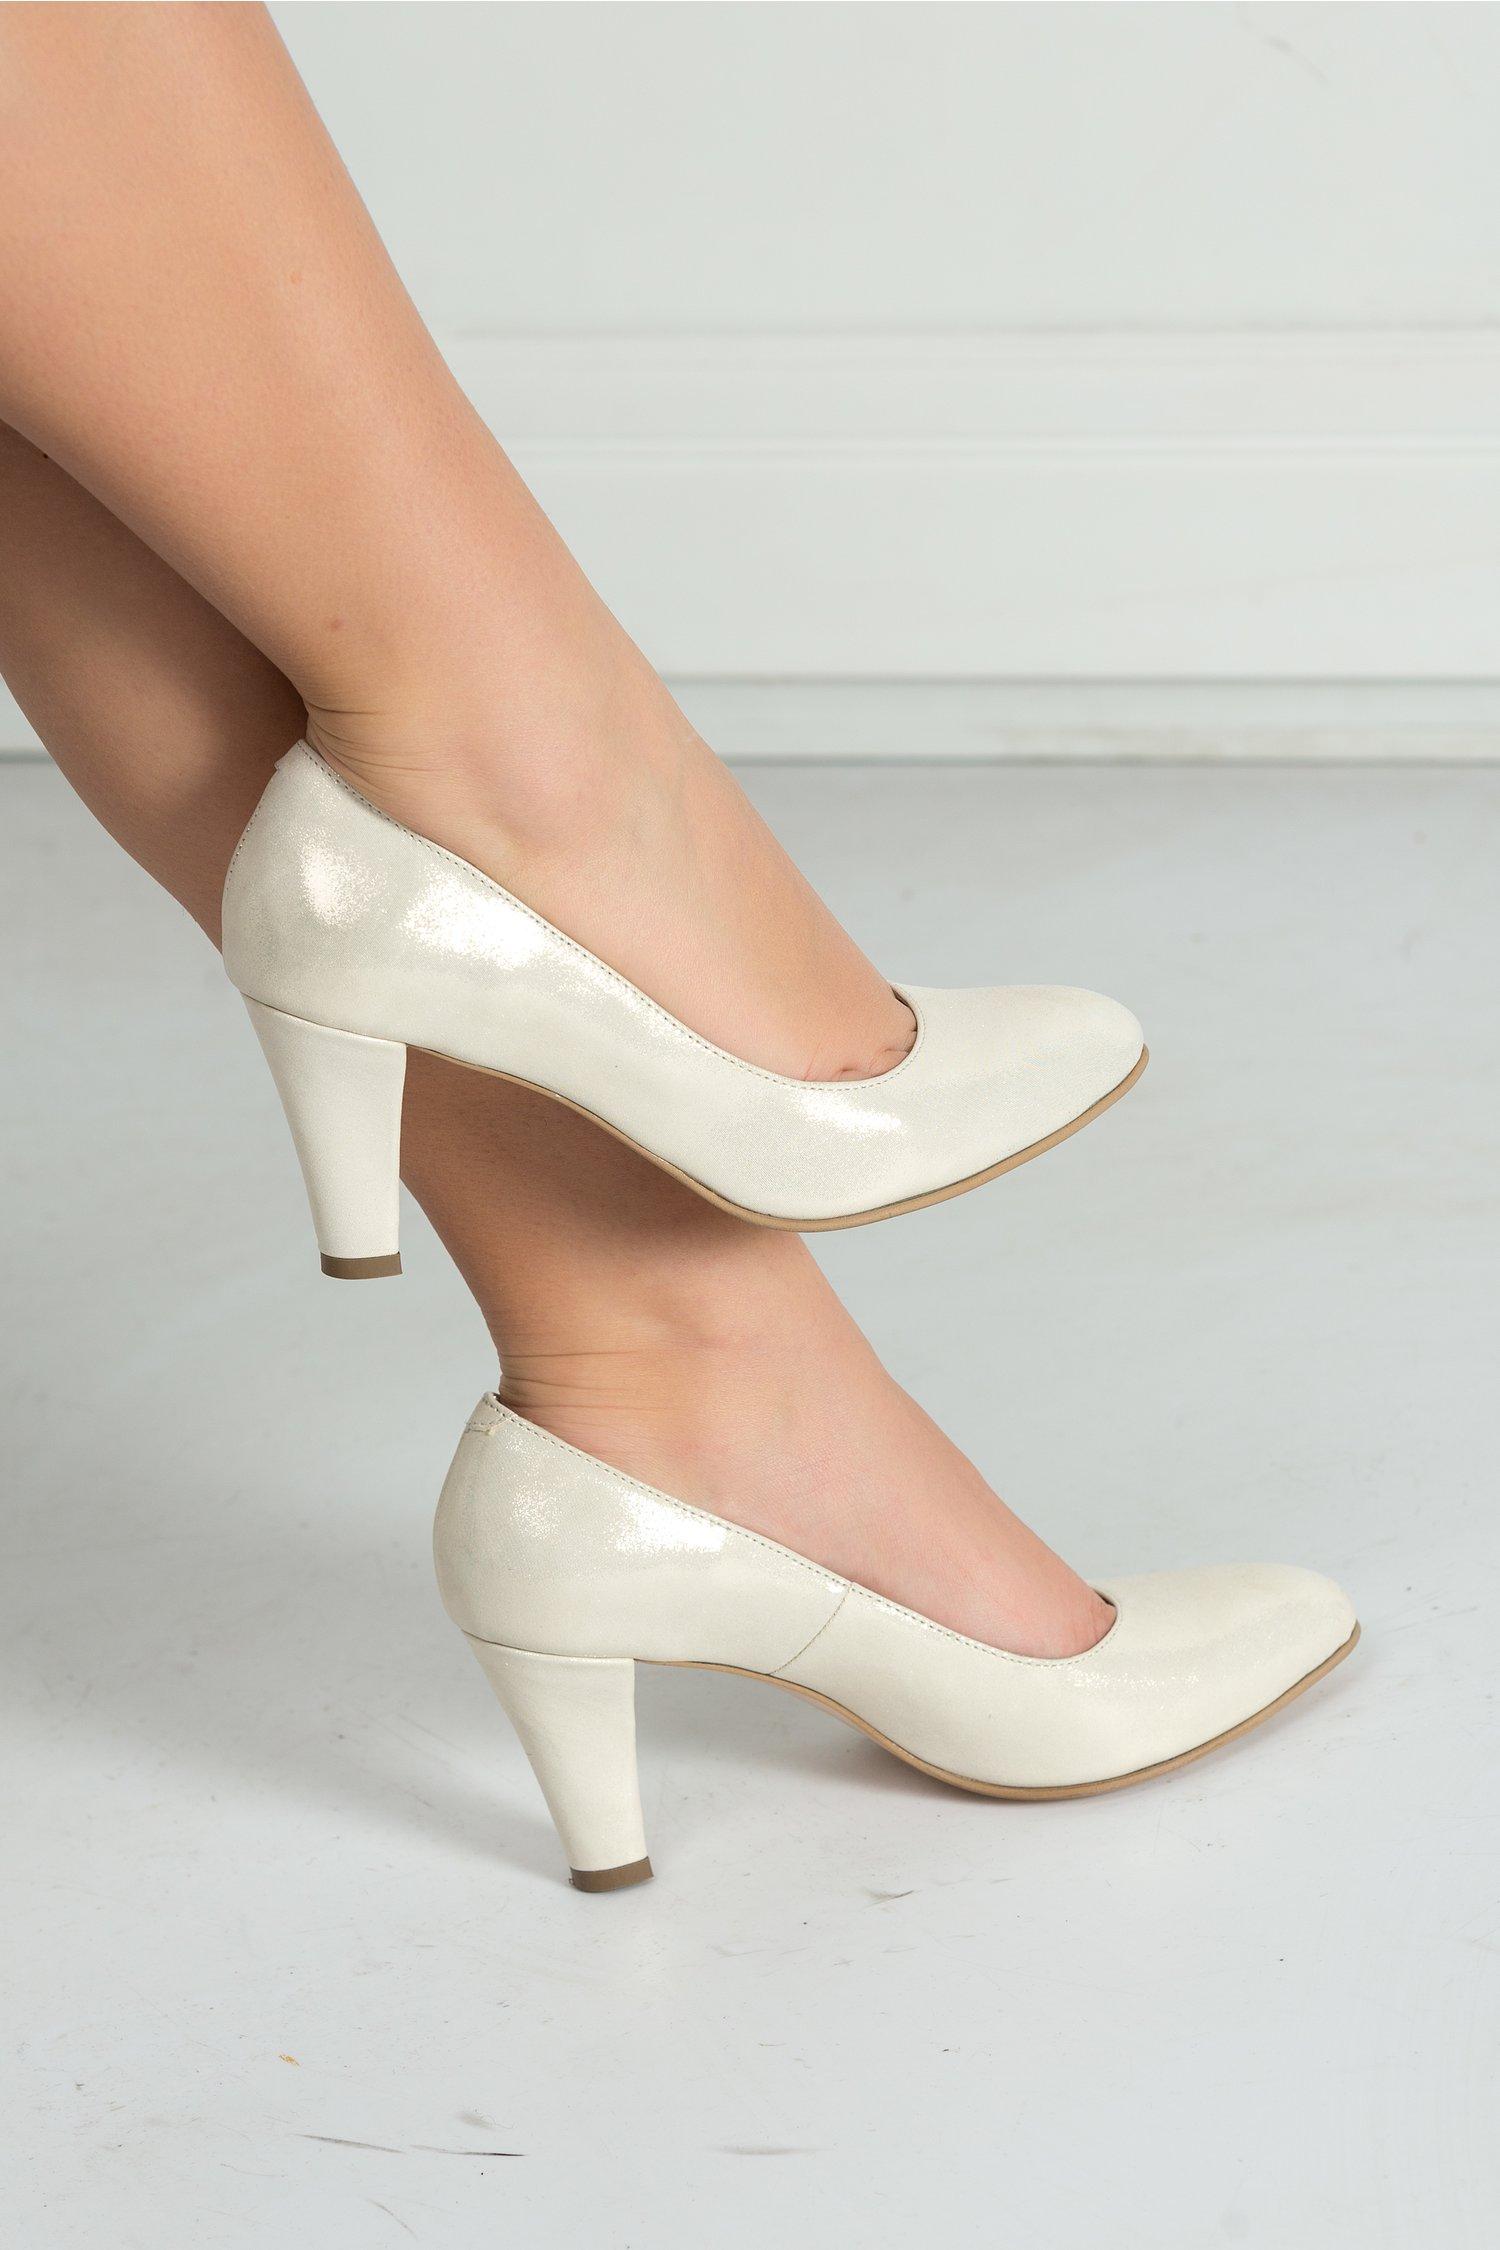 Pantofi Sonora din satin auriu eleganti de ocazie, colectia 2018